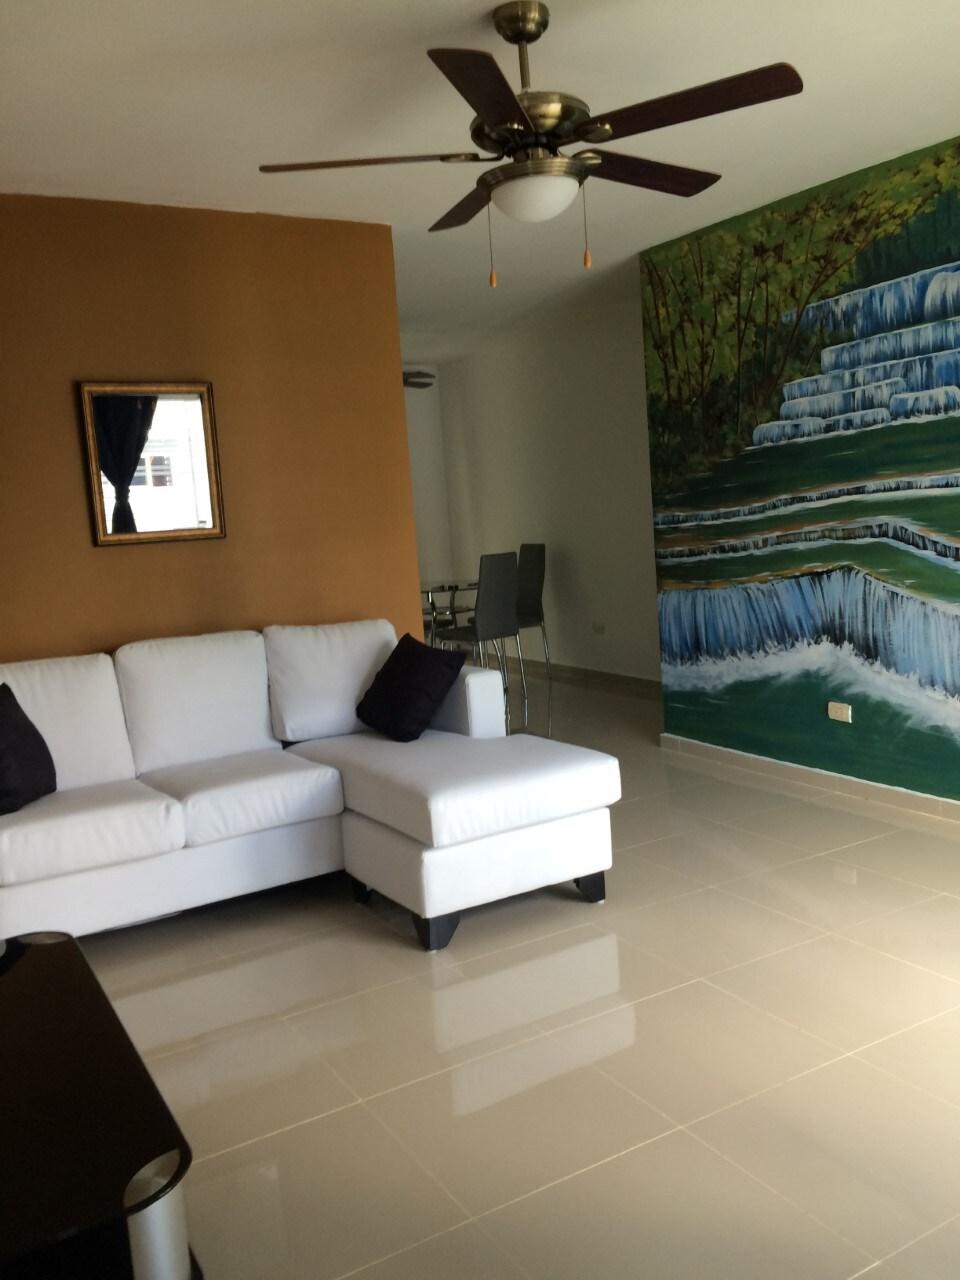 Residential Harmony Ll   Condominiums For Rent In Santiago De Los  Caballeros, Santiago, Dominican Republic